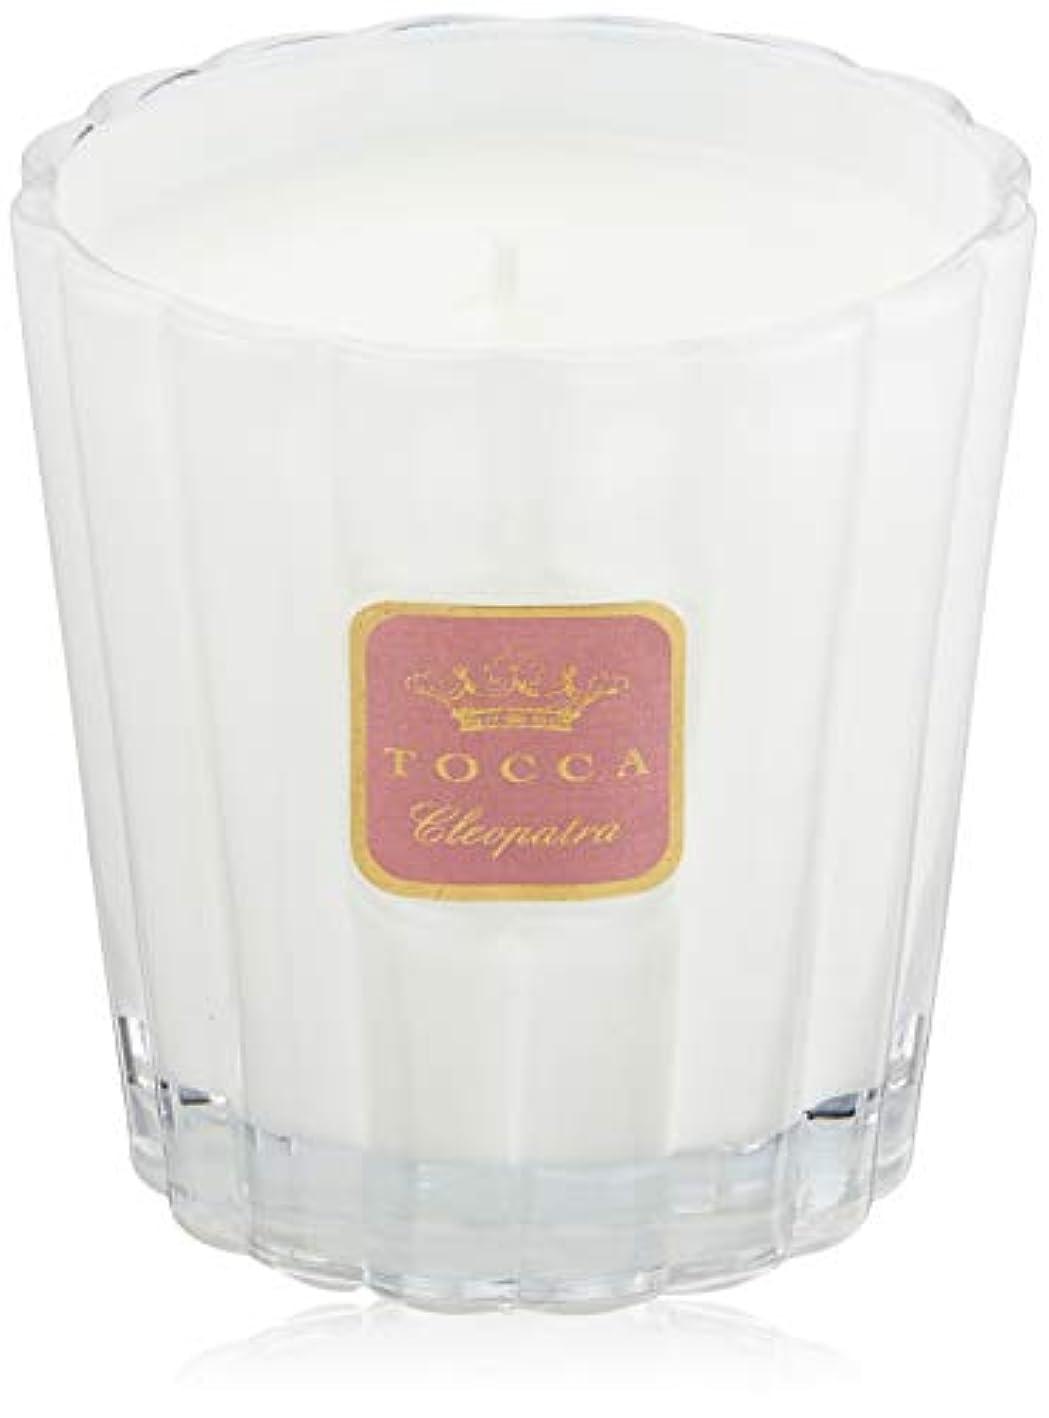 司書靄増幅トッカ(TOCCA) キャンドル クレオパトラの香り 約287g (ろうそく フレッシュでクリーンな香り)